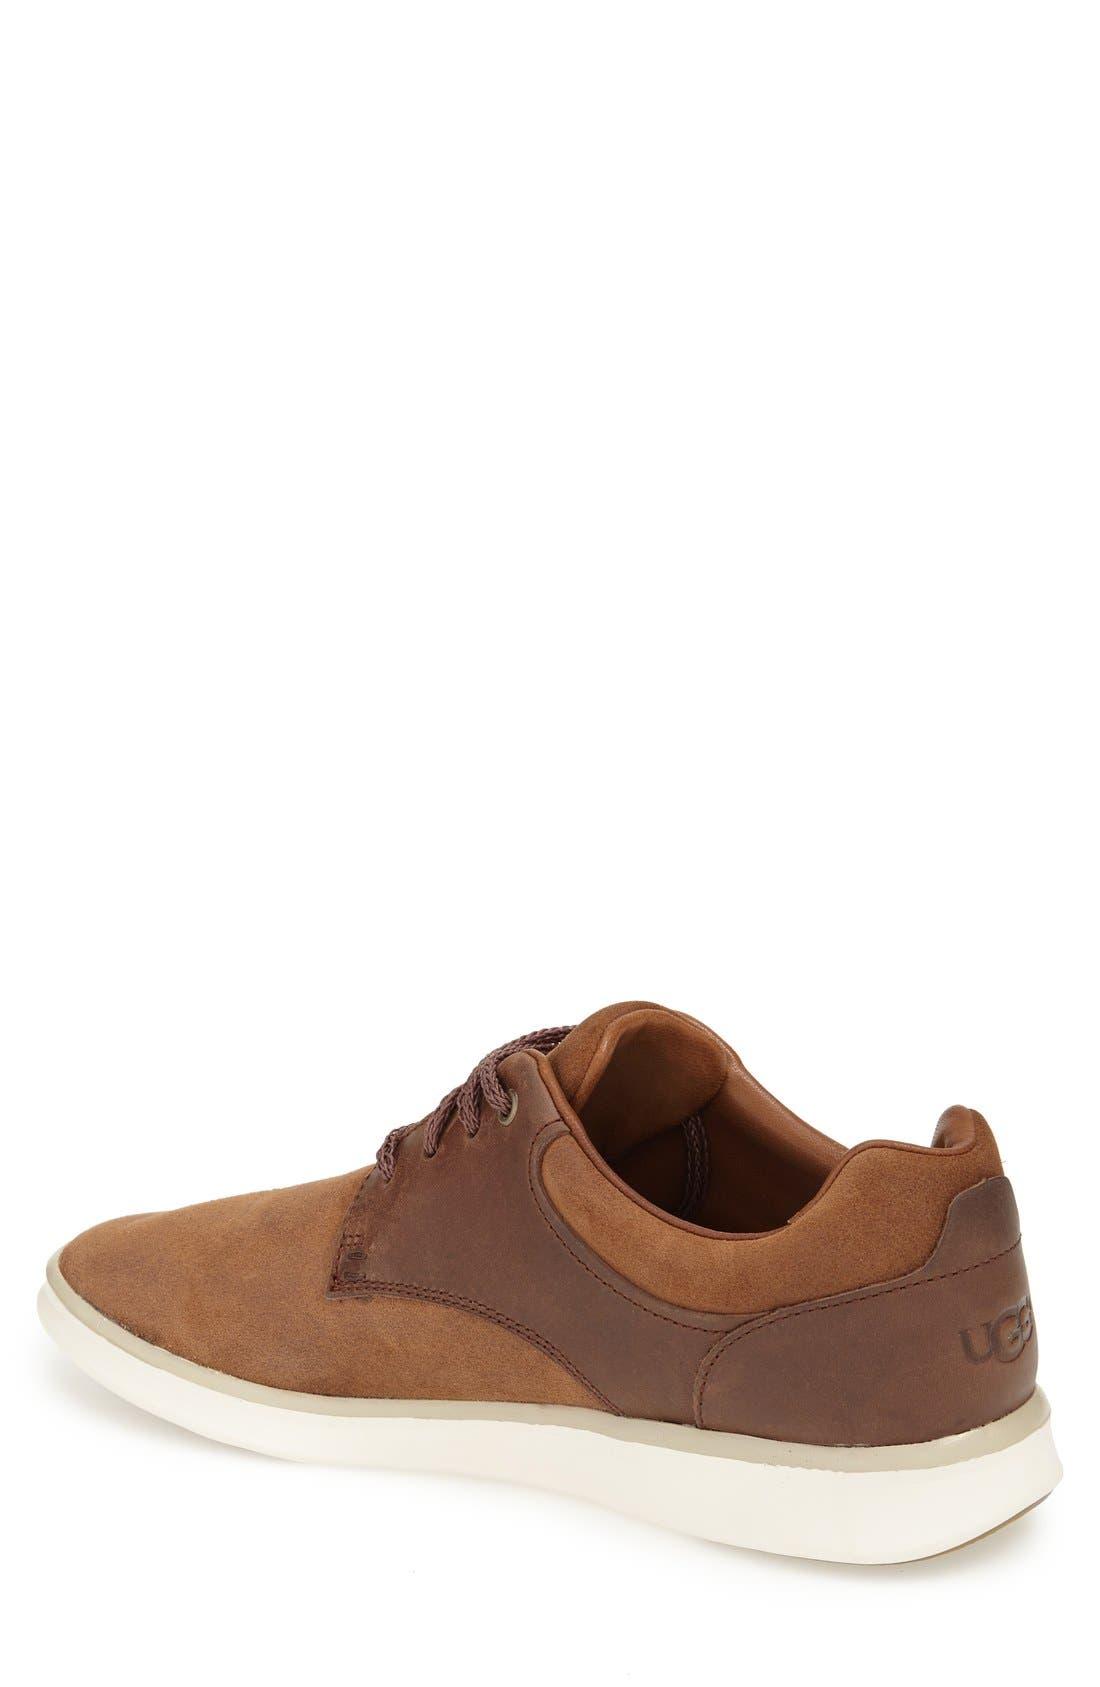 'Hepner' Sneaker,                             Alternate thumbnail 4, color,